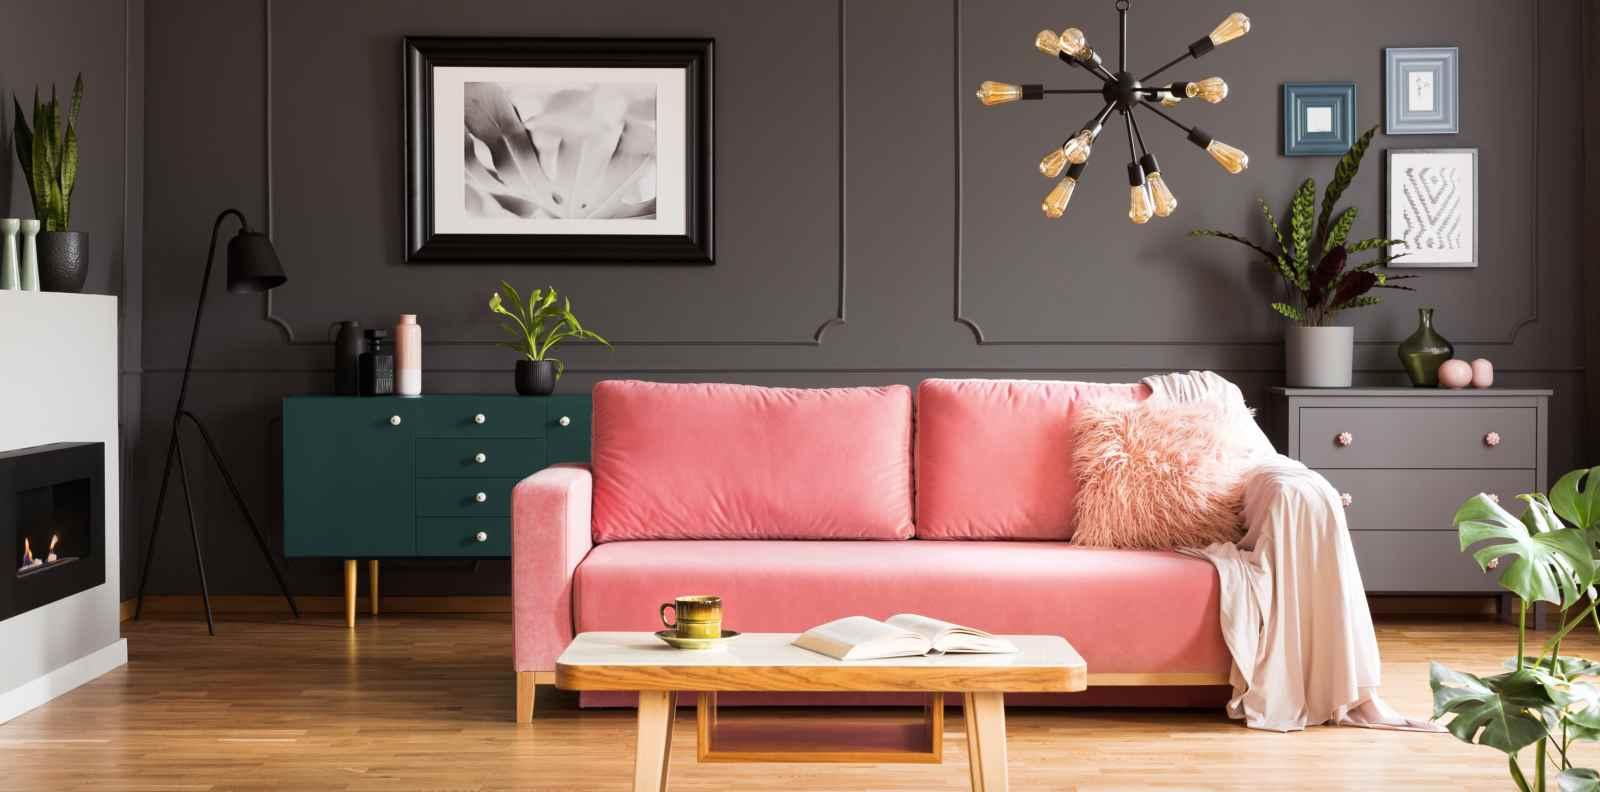 Couleur Mur Salon 2019 les couleurs tendance de l'année 2019 | blog oknoplast